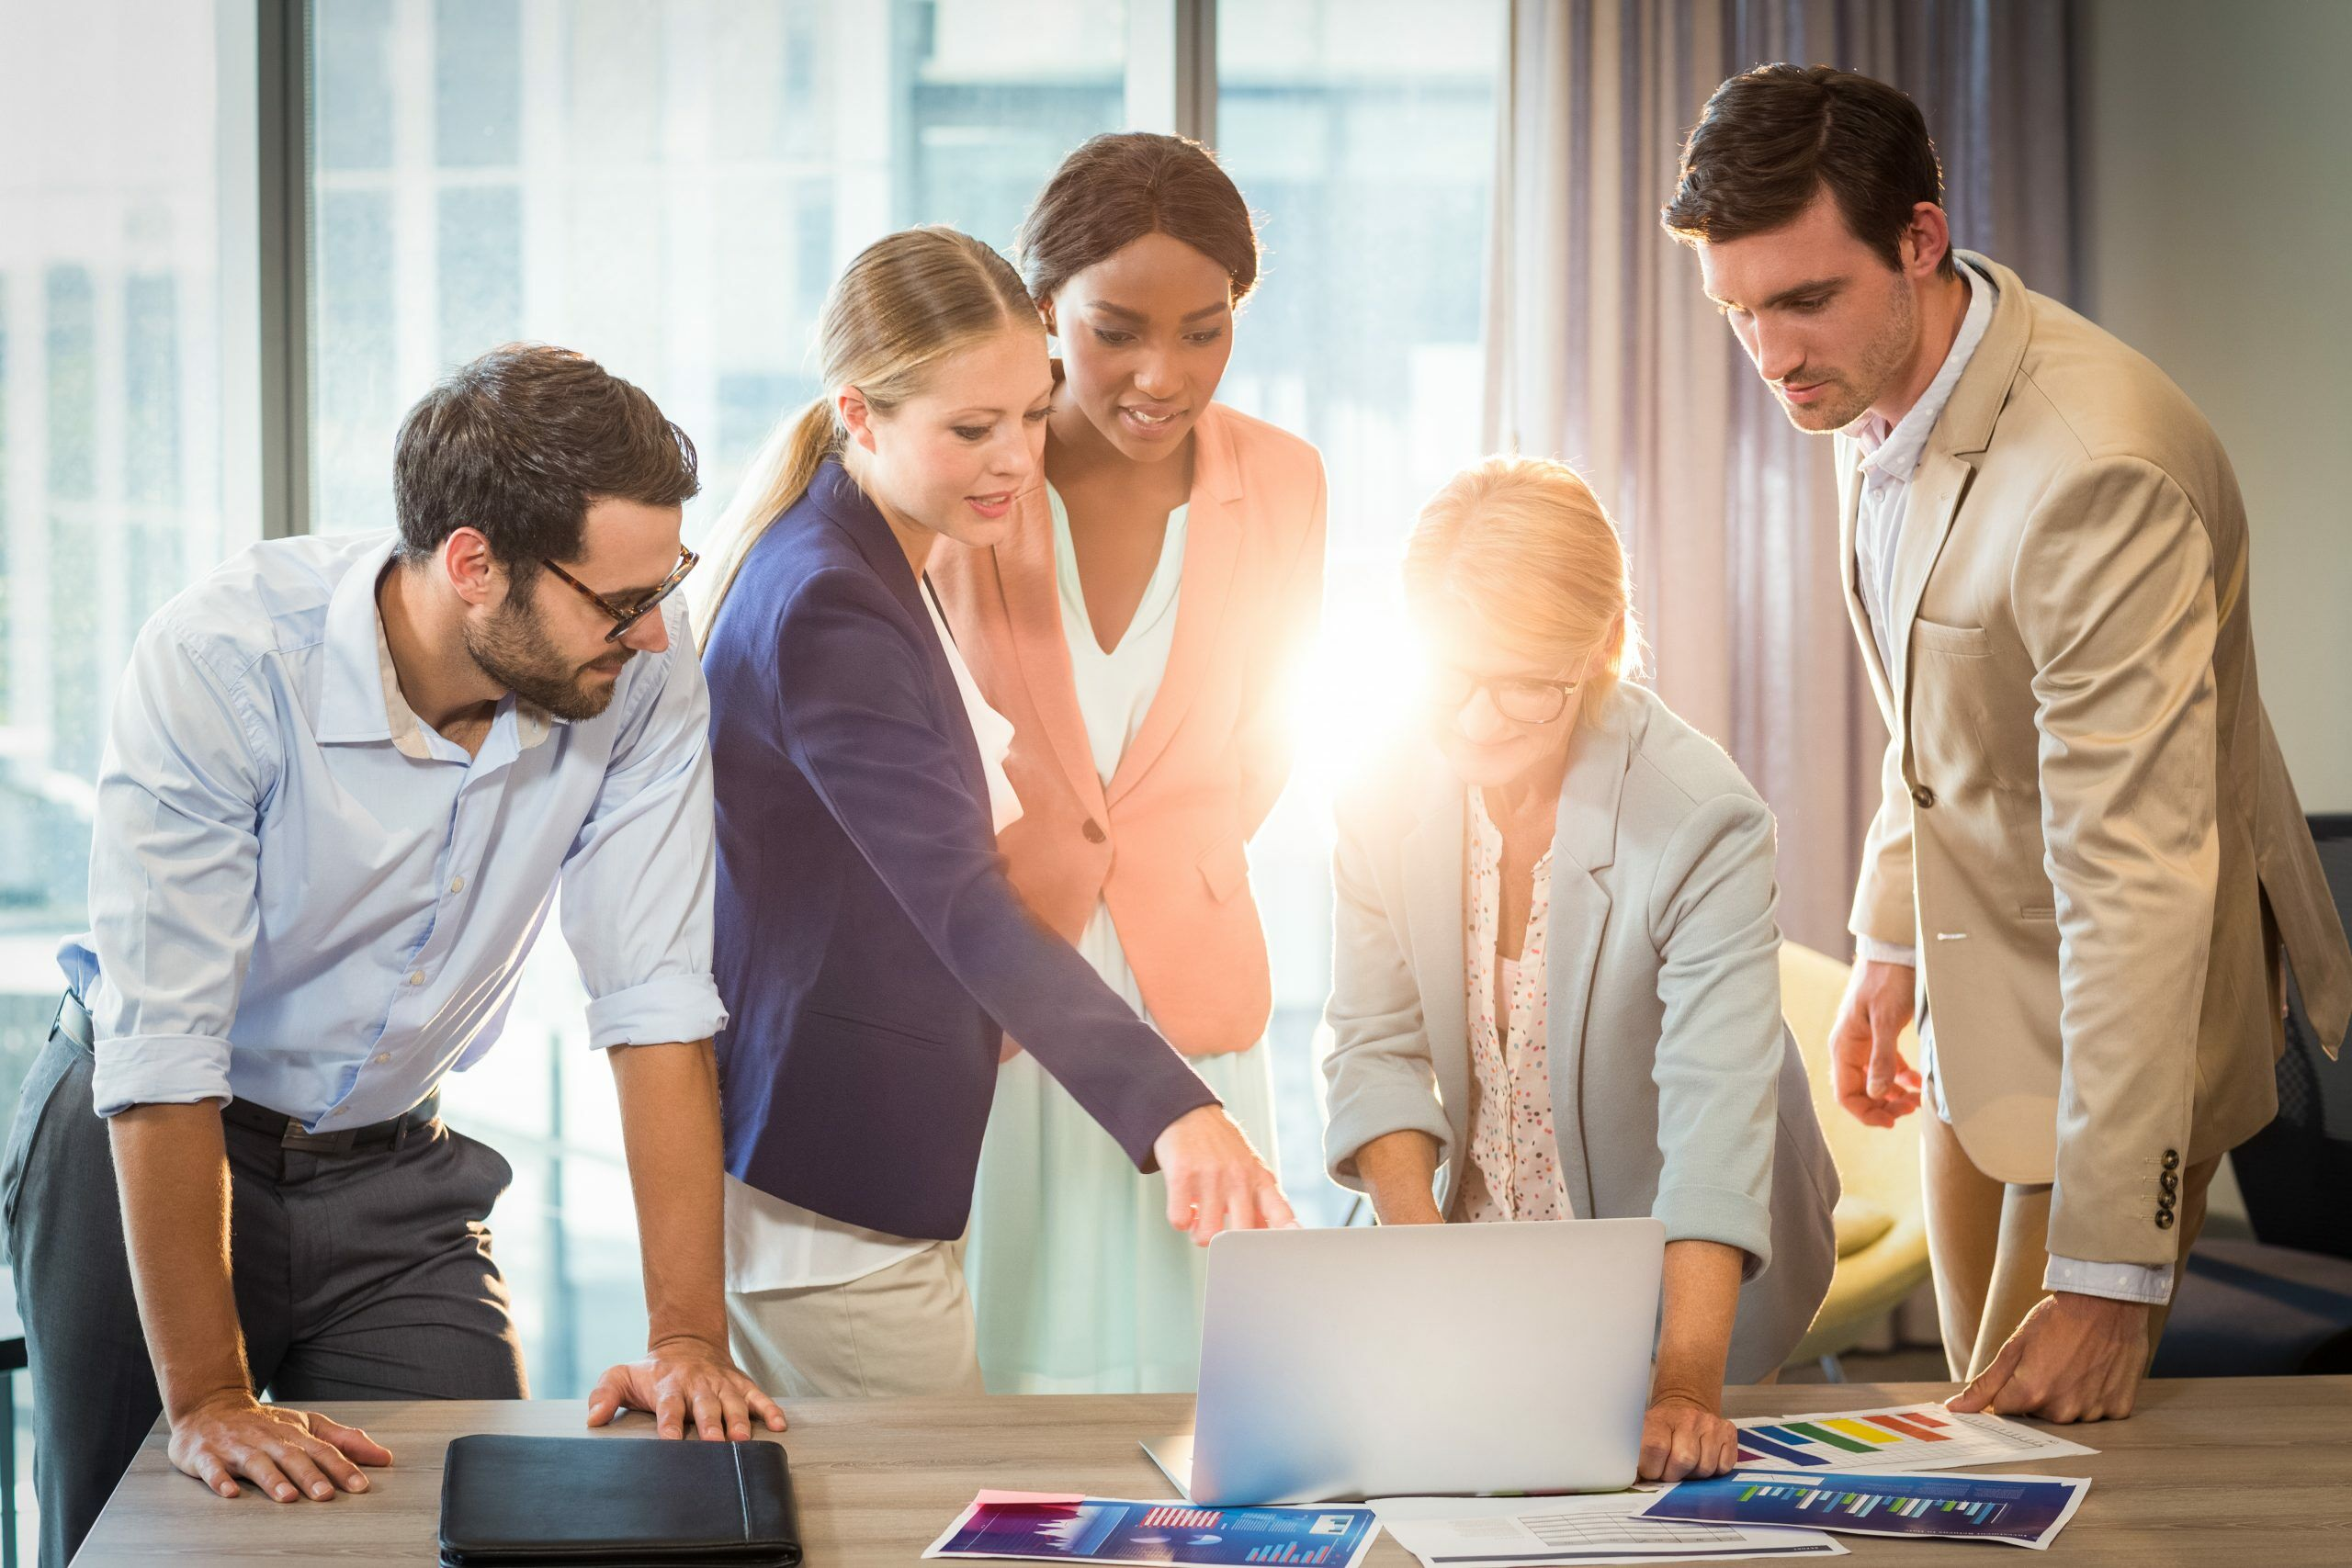 Empreendedorismo: perfil, ações e estratégias para o empreendedor de sucesso.